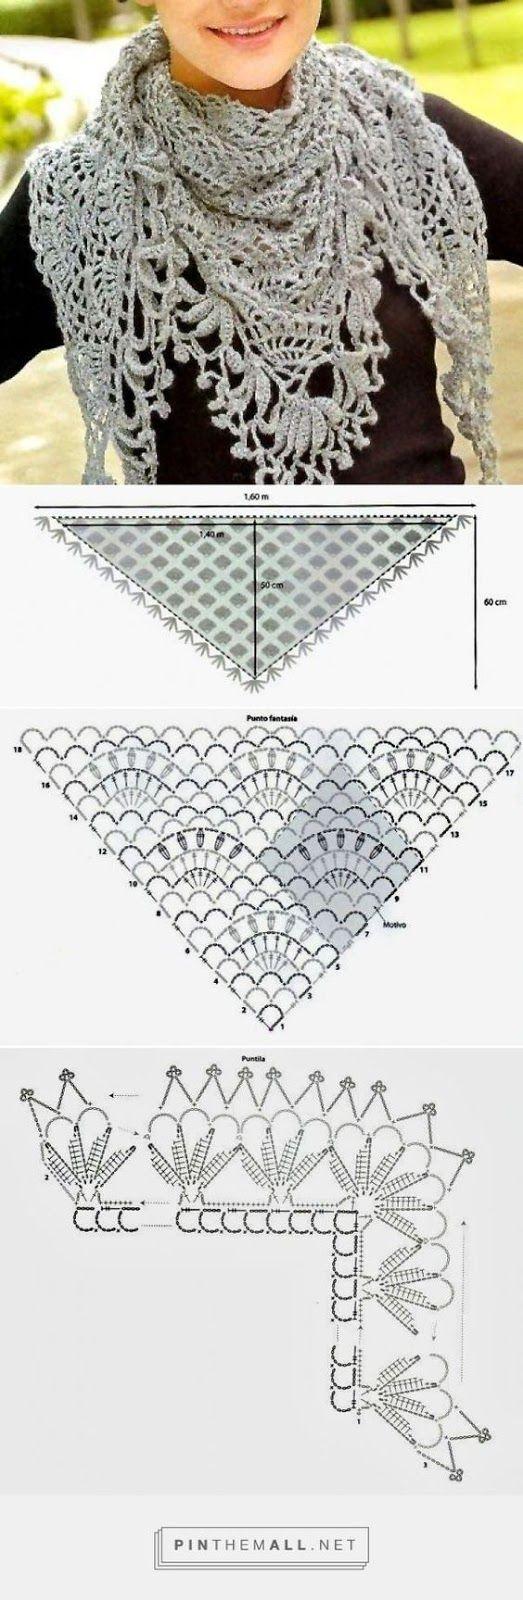 Las 98 mejores imágenes sobre Bufandas y cuellos en Pinterest